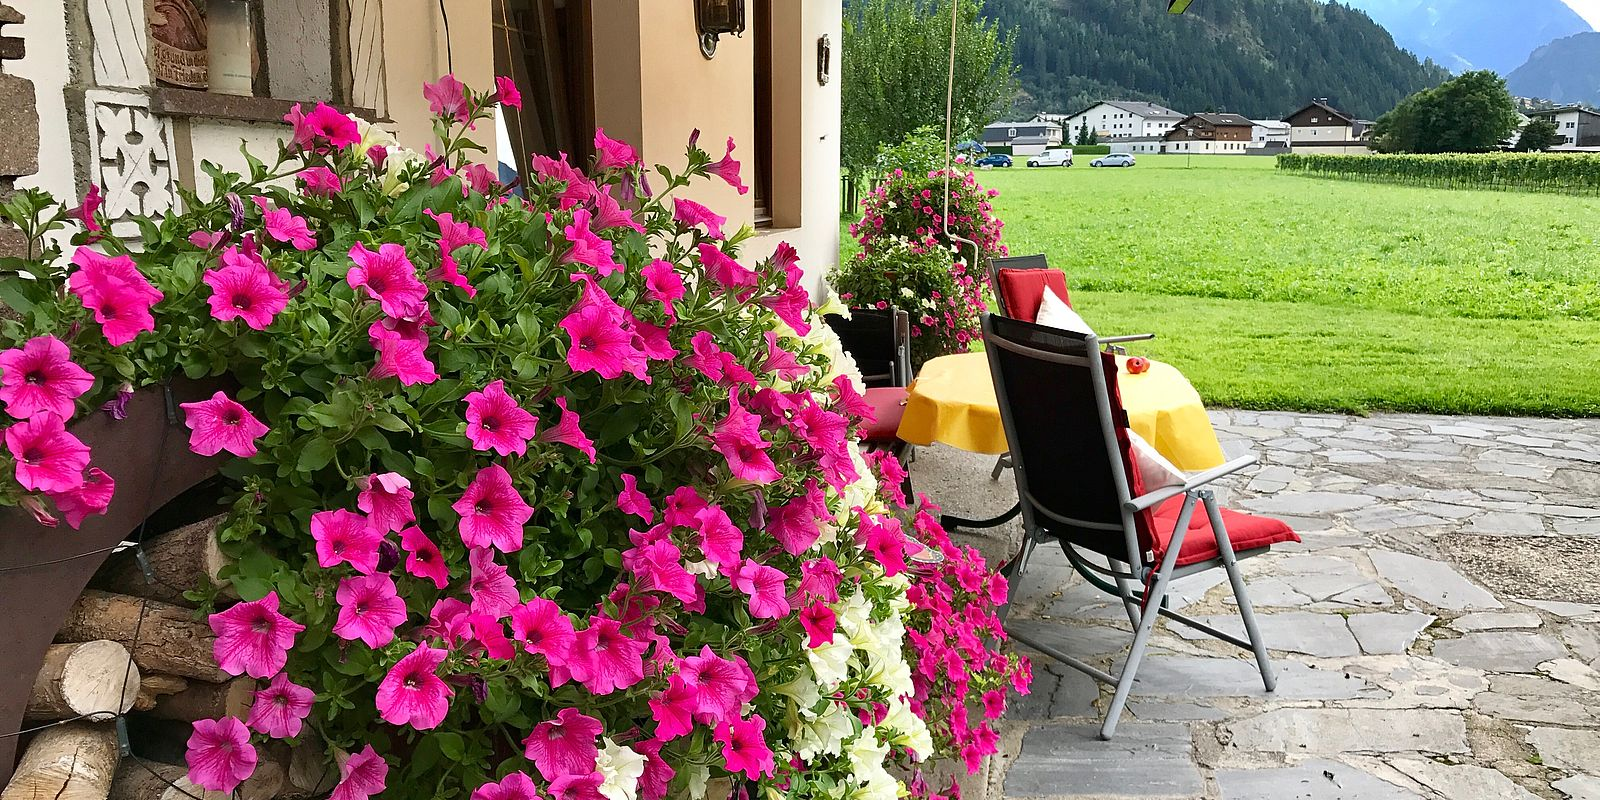 Terrasse des Gielerhofs mit Blumen